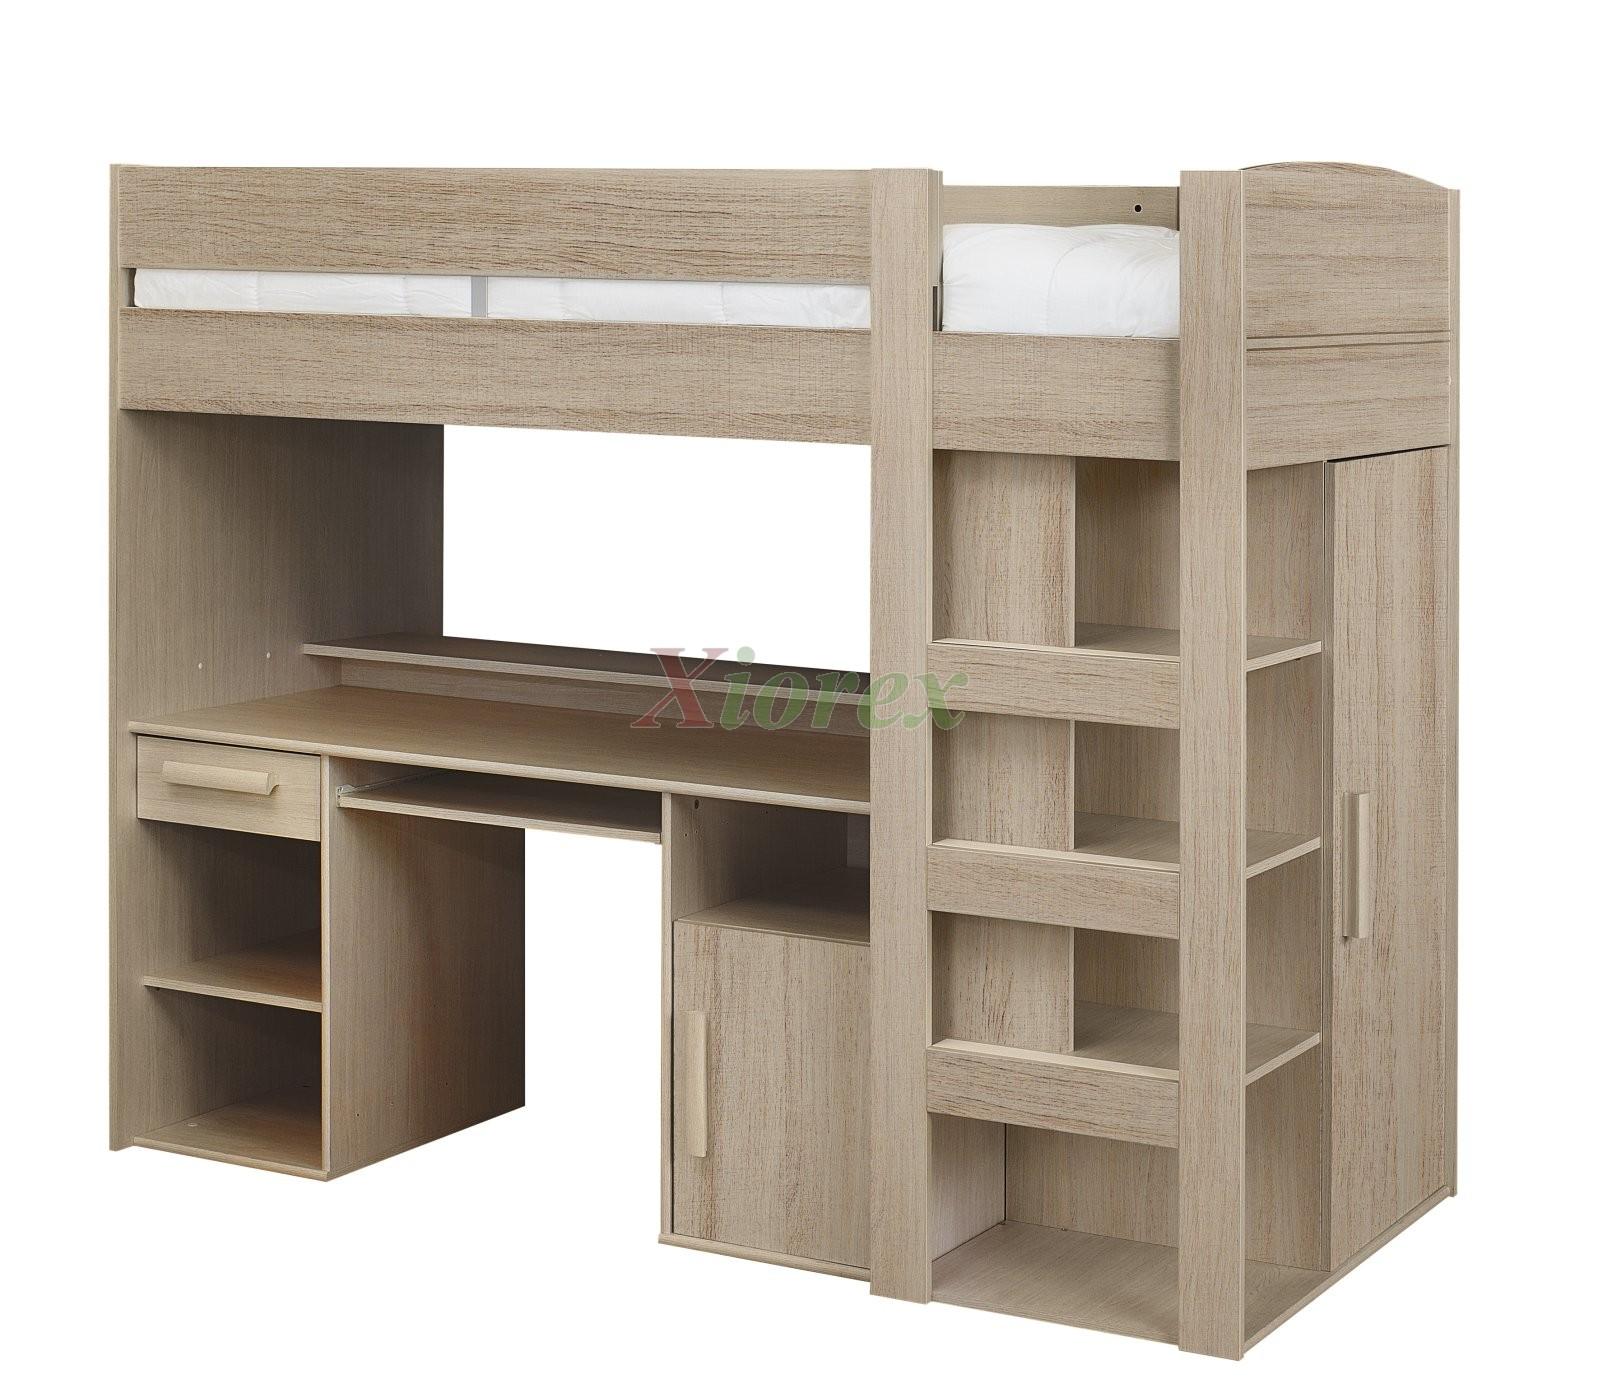 Gami montana loft beds with desk closet storage underneath xiorex - Loft furniture ...